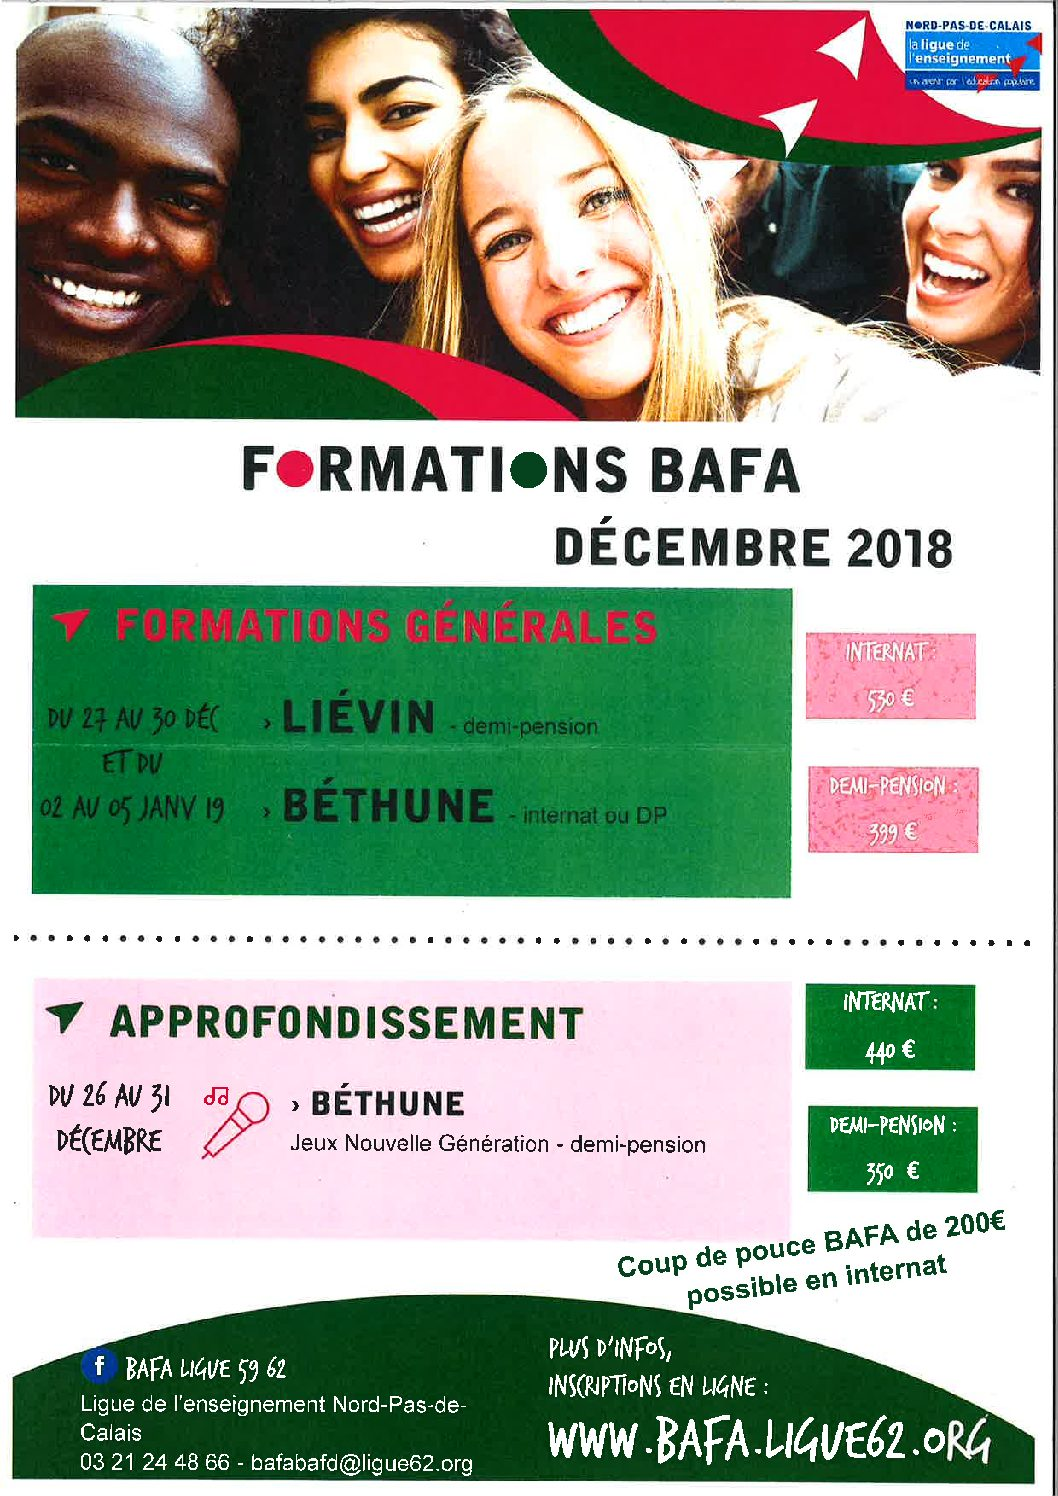 FORMATIONS BAFA DECEMBRE 2018